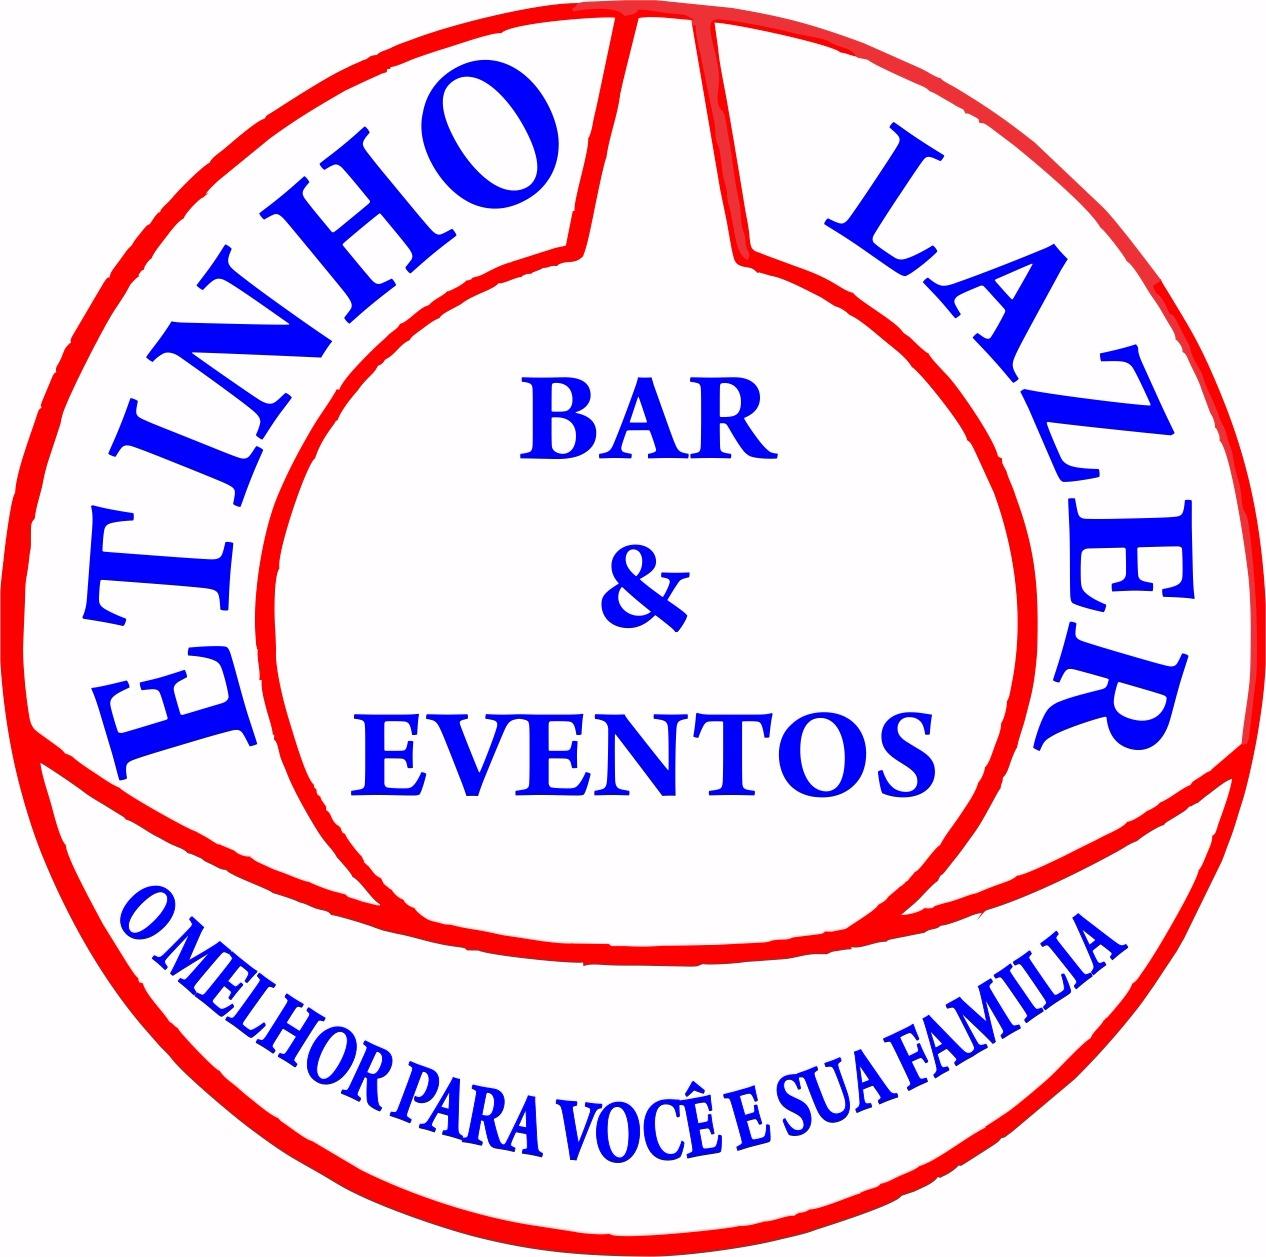 ETINHO LAZER BAR E EVENTOS